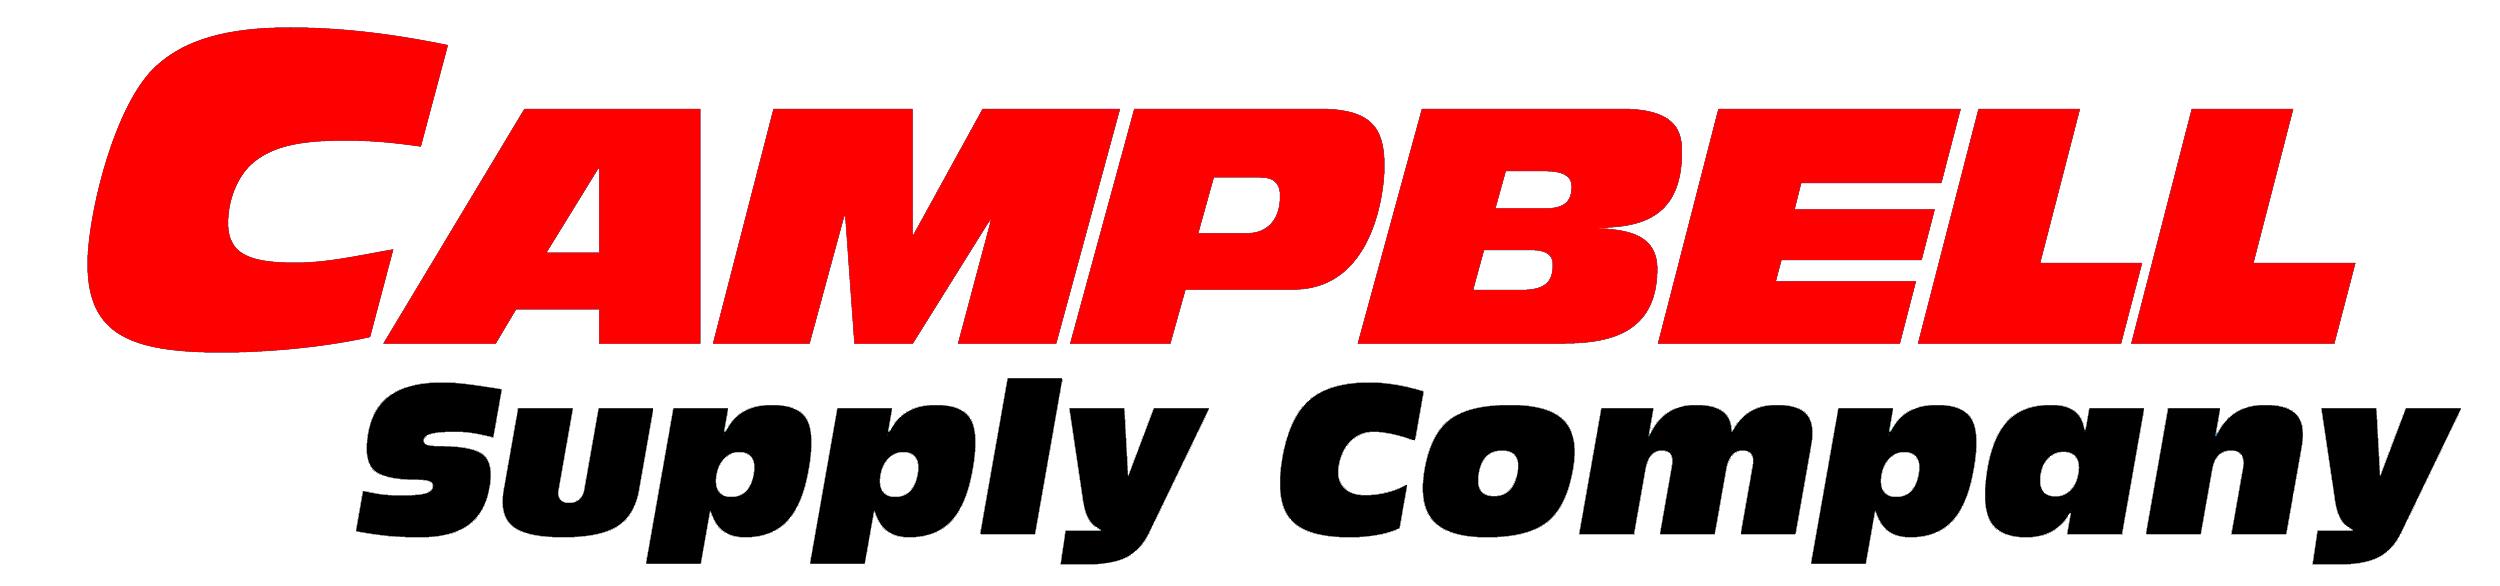 CAMPBELL SUPPLY COMPANY